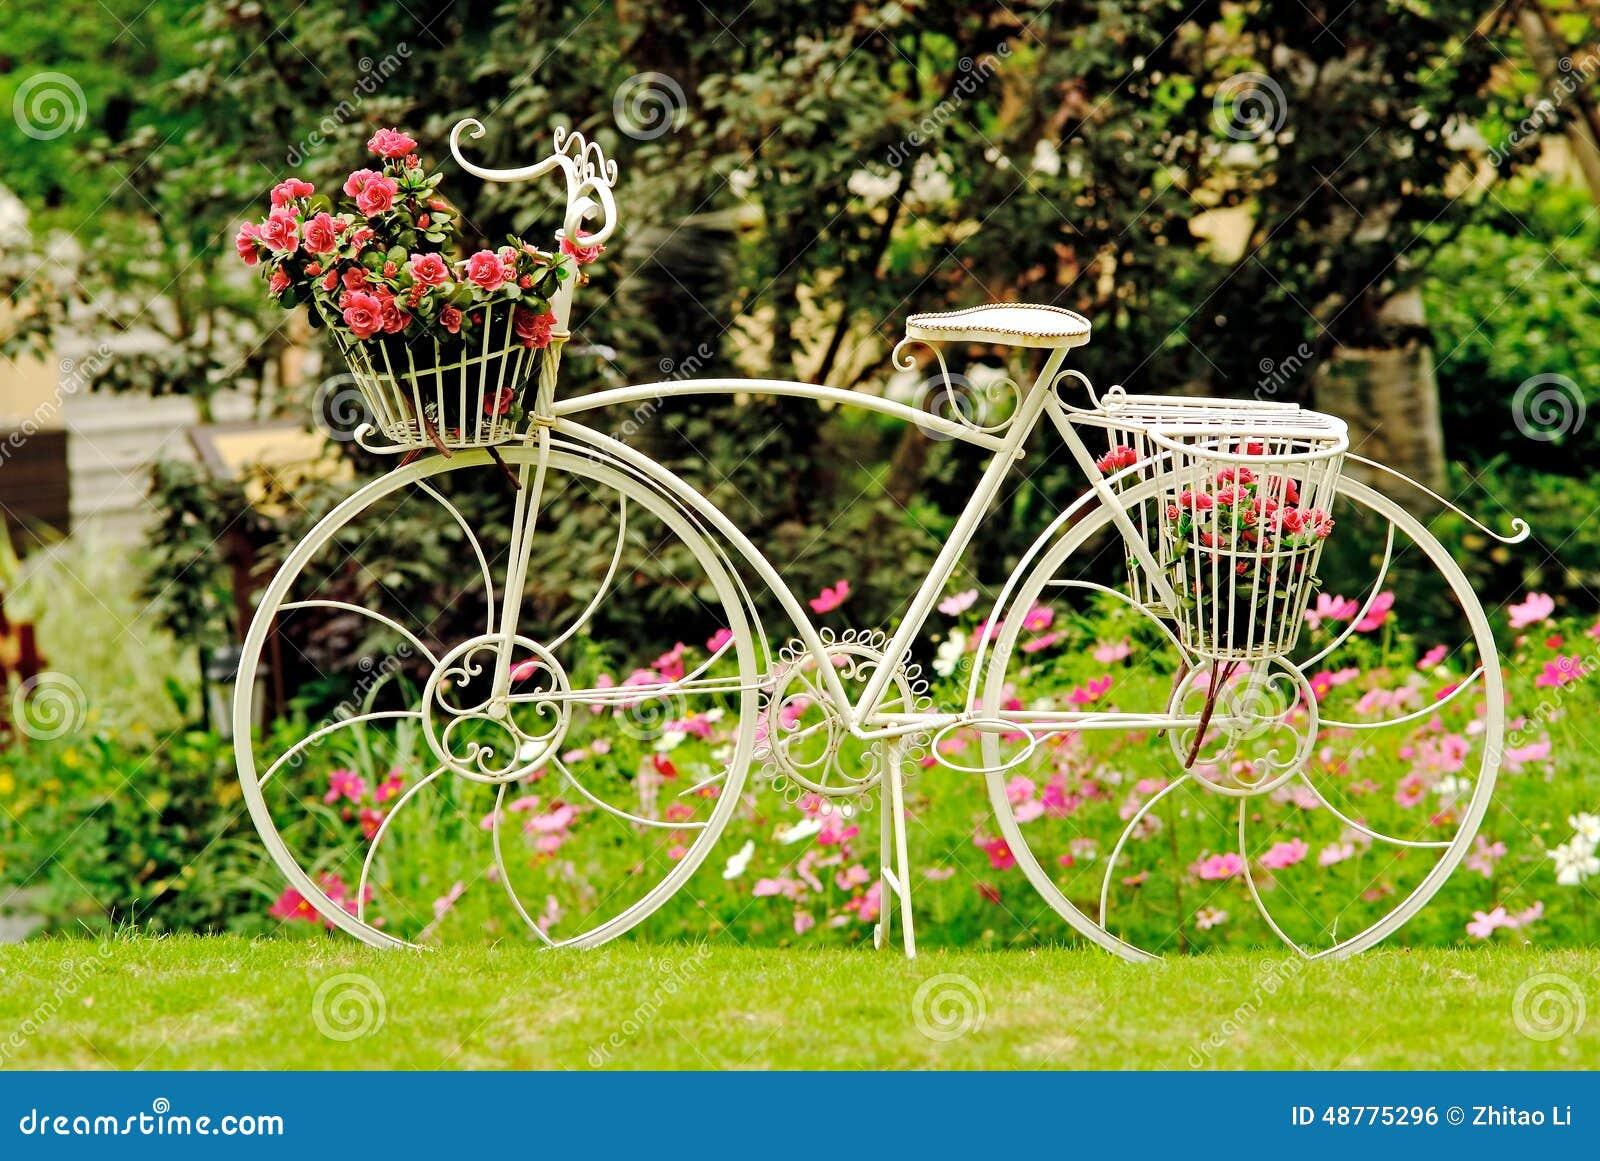 Een fiets in een tuin